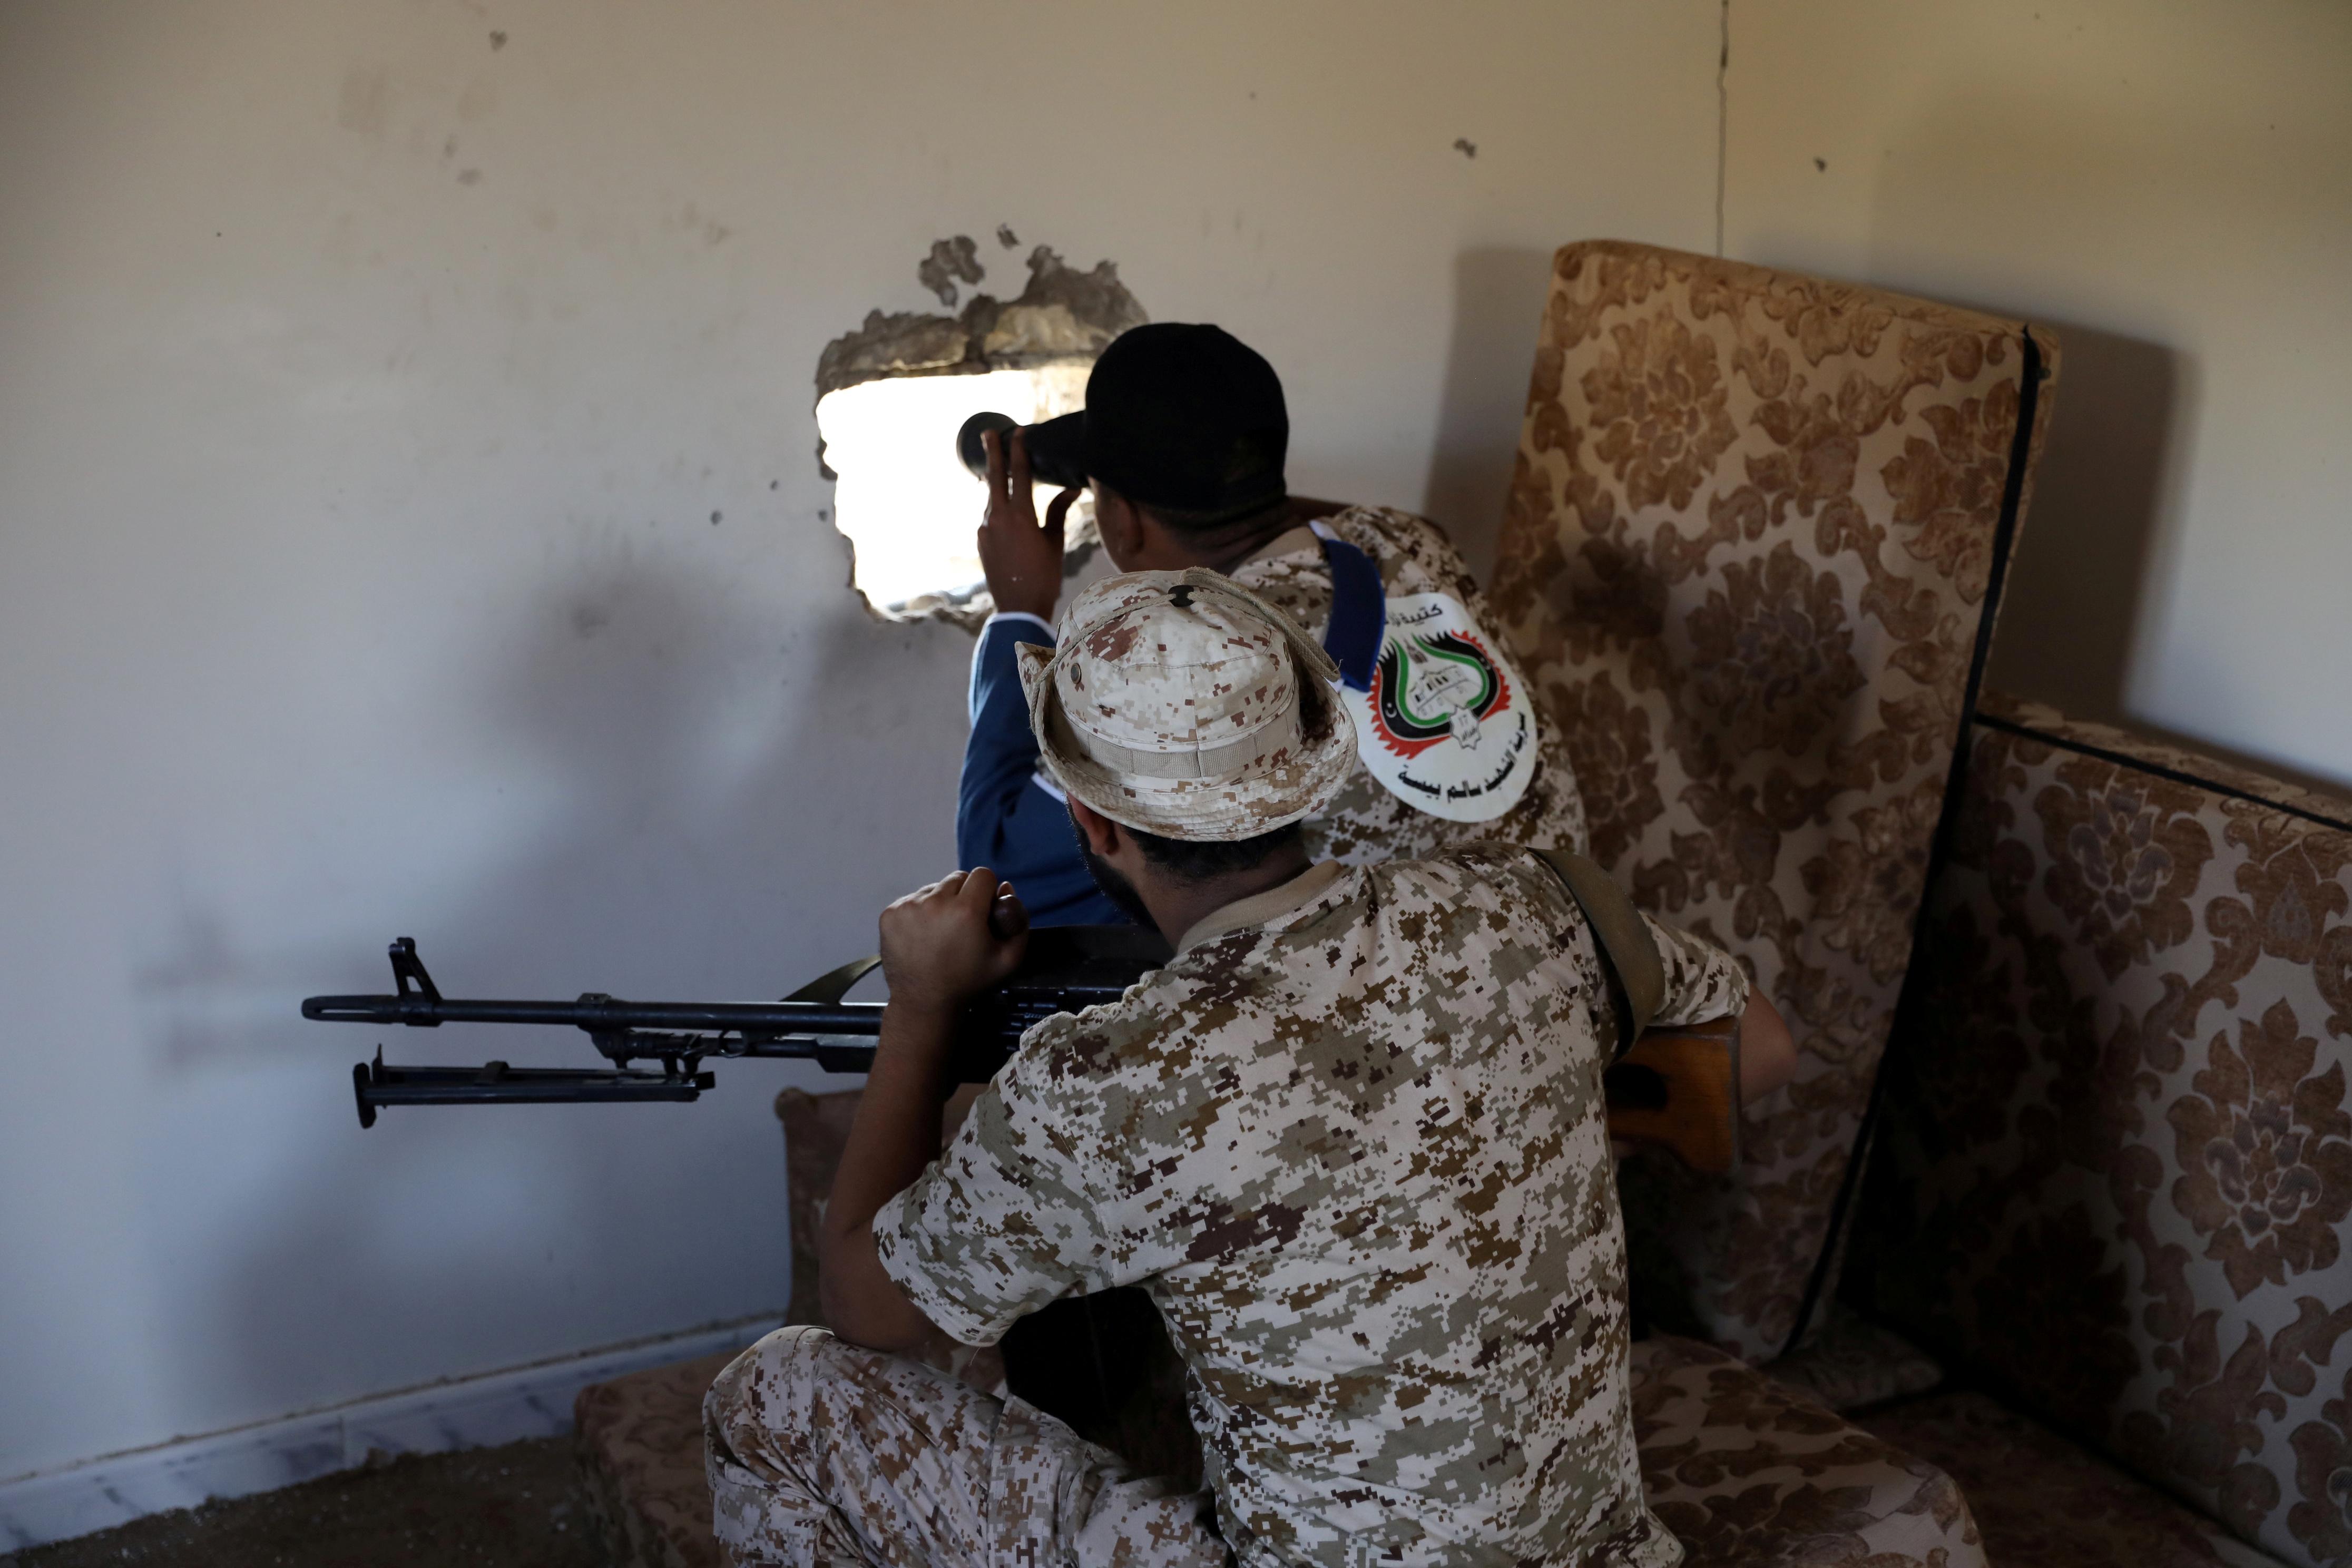 """Οργή ΟΗΕ για τα παιχνίδια στη Λιβύη! """"Φτάνει πια! Σταματήστε να στέλνετε μισθοφόρους"""""""